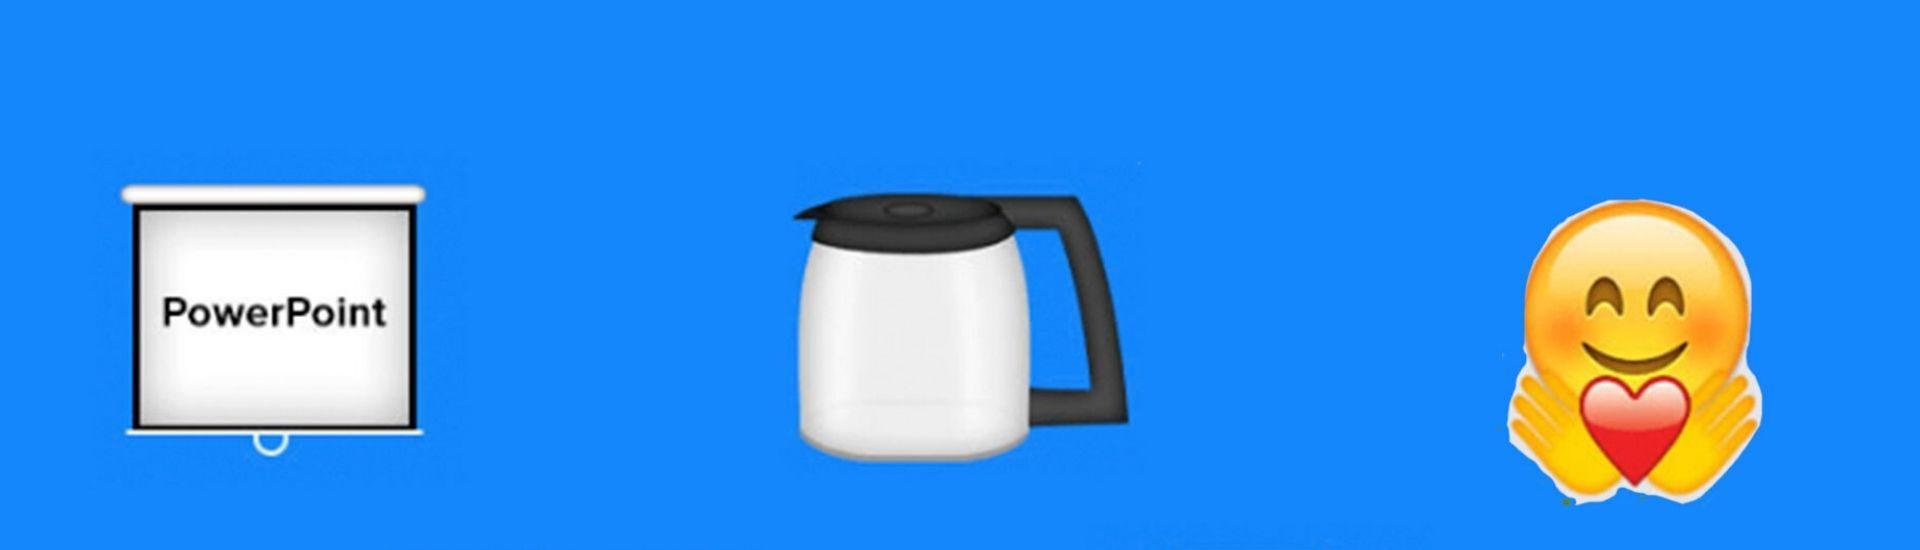 Imagen que muestra tres emoji